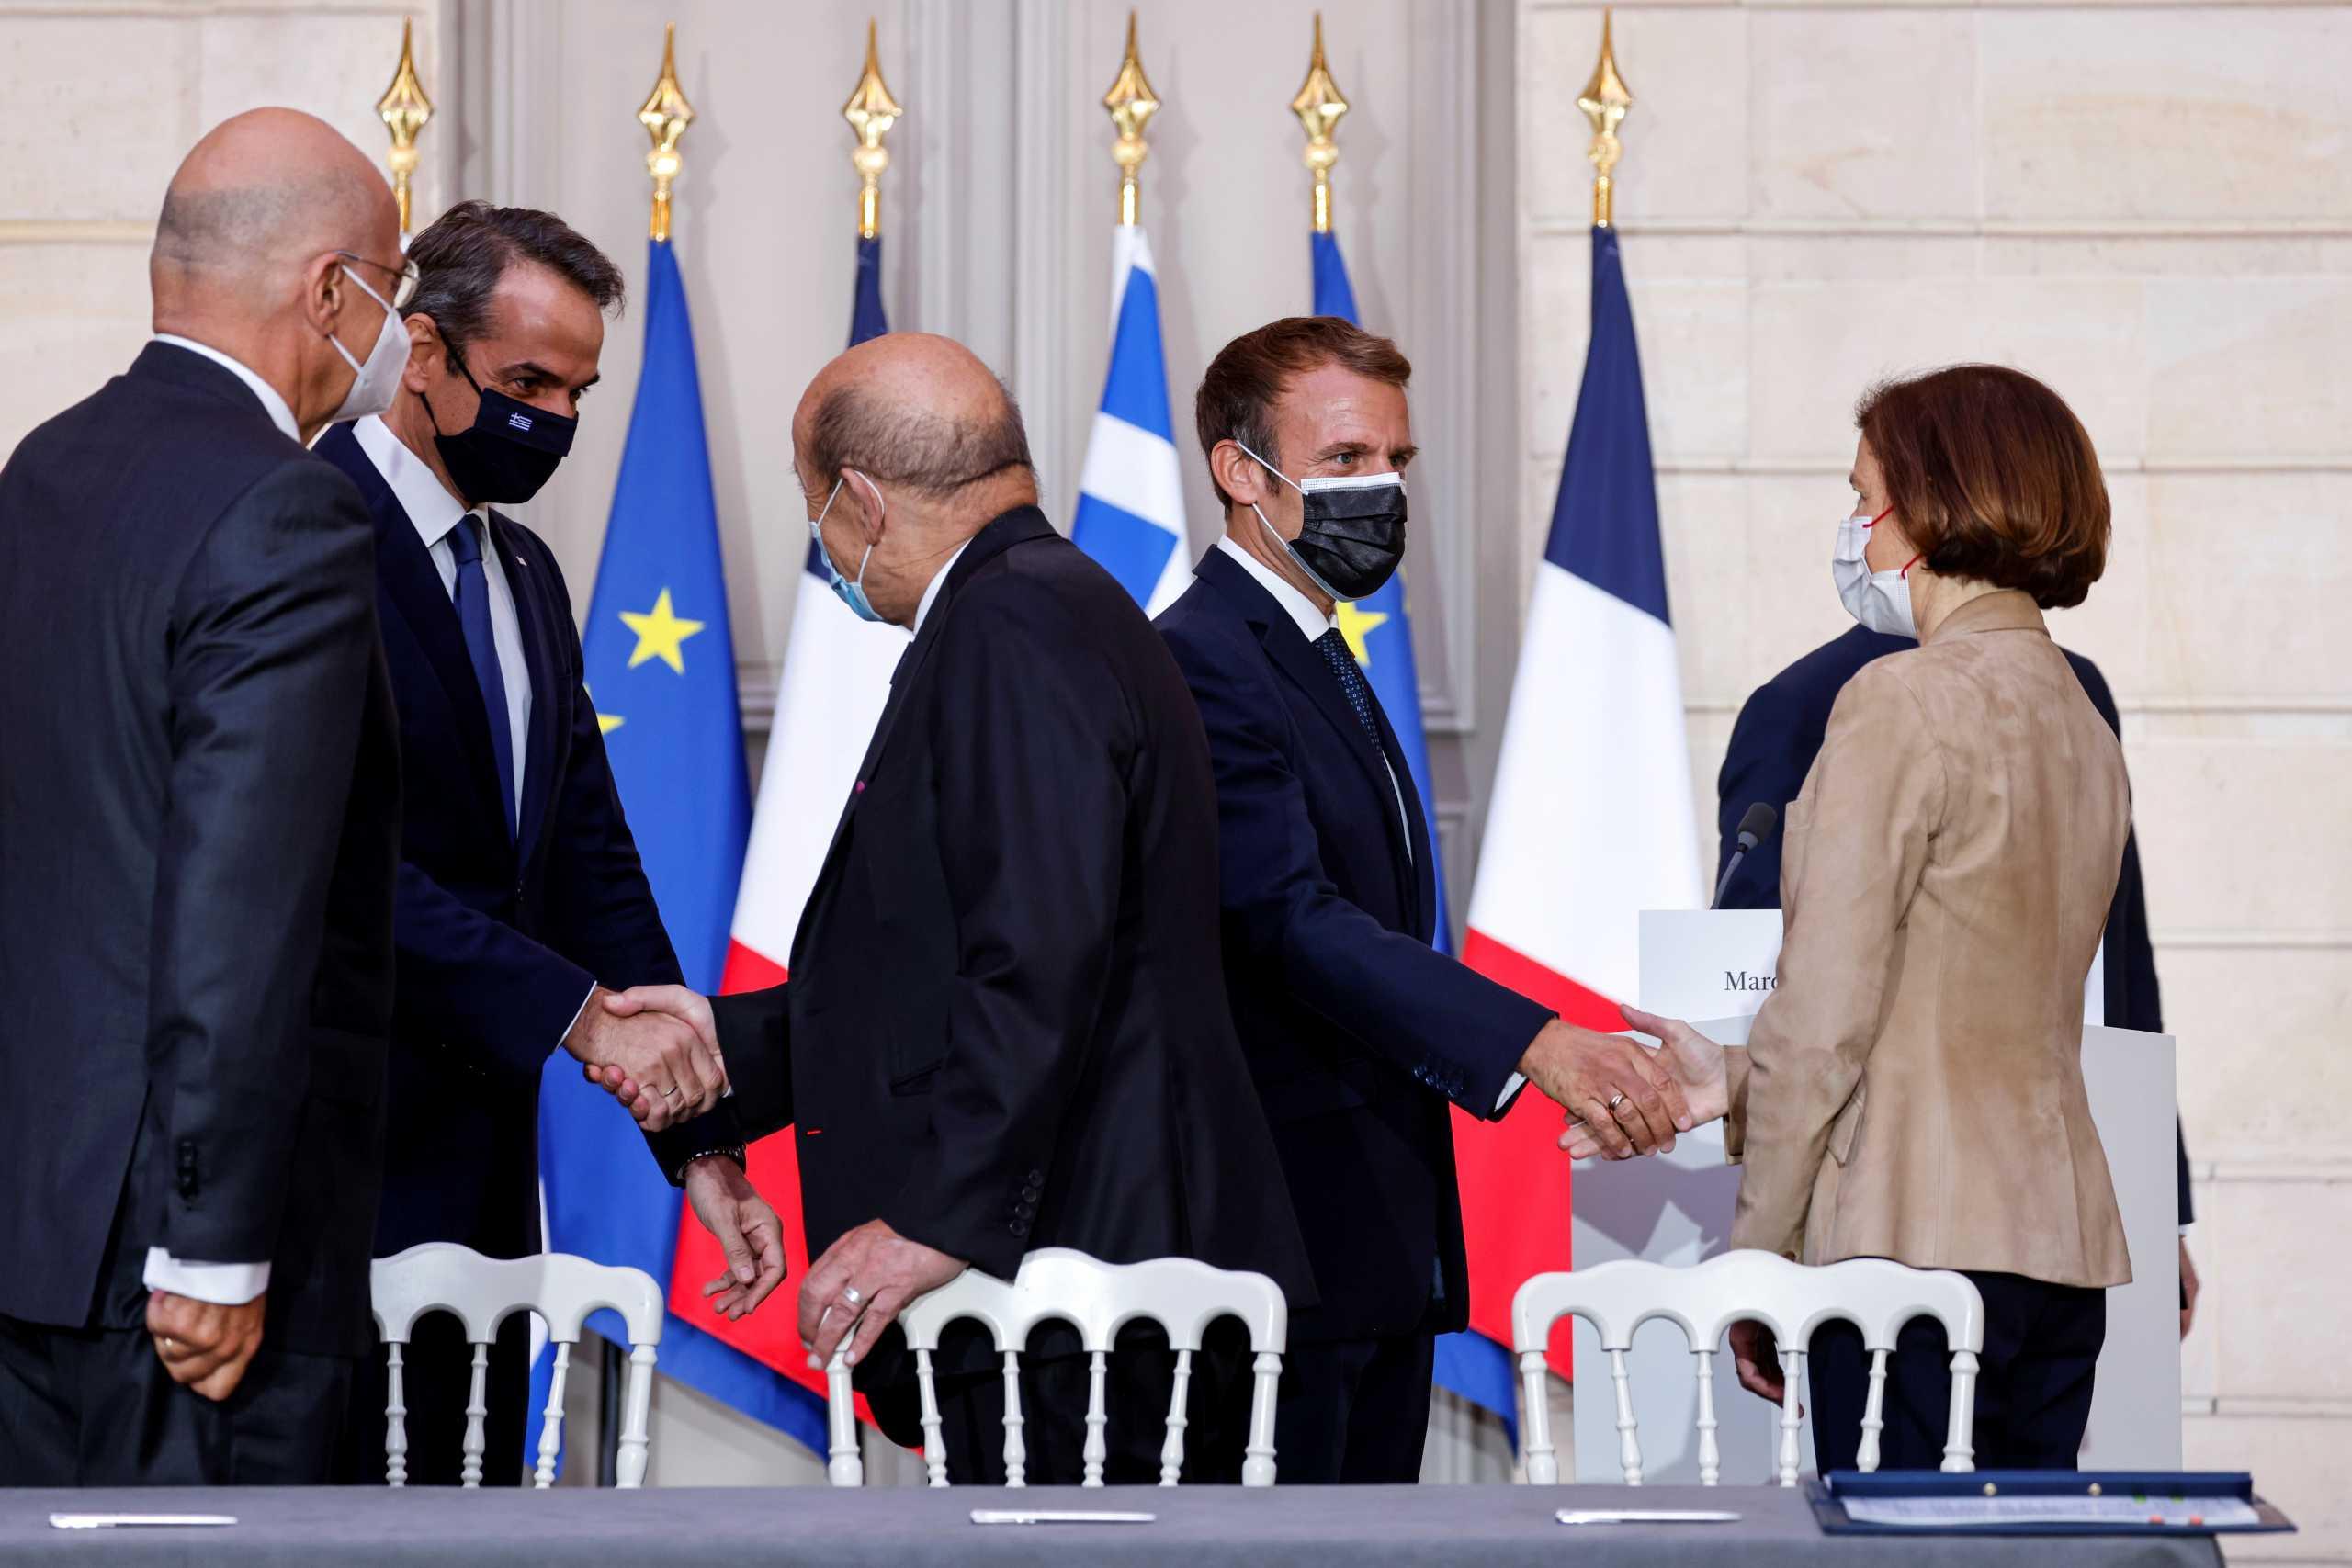 Αμυντική συμφωνία με Γαλλία: Ο πρωθυπουργός θα ενημερώσει την Βουλή στις 5 Οκτωβρίου